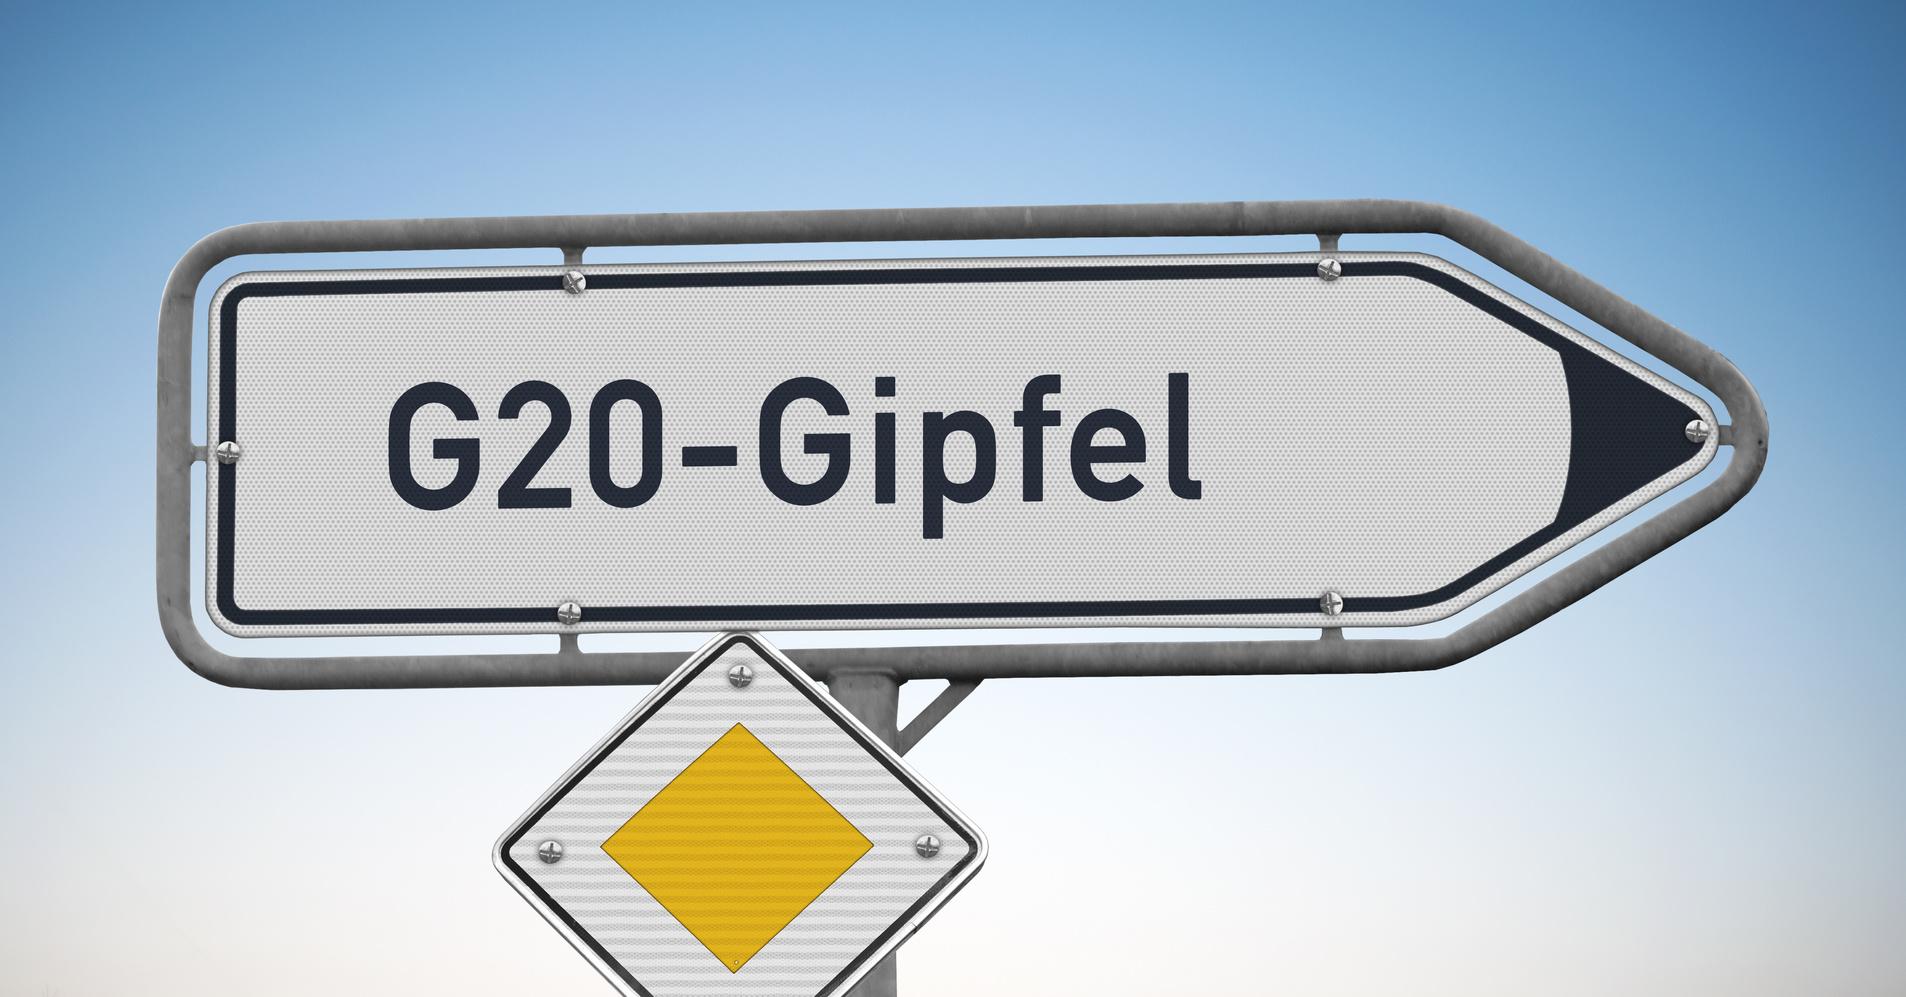 G20 - Beeinträchtigung im Hambur...